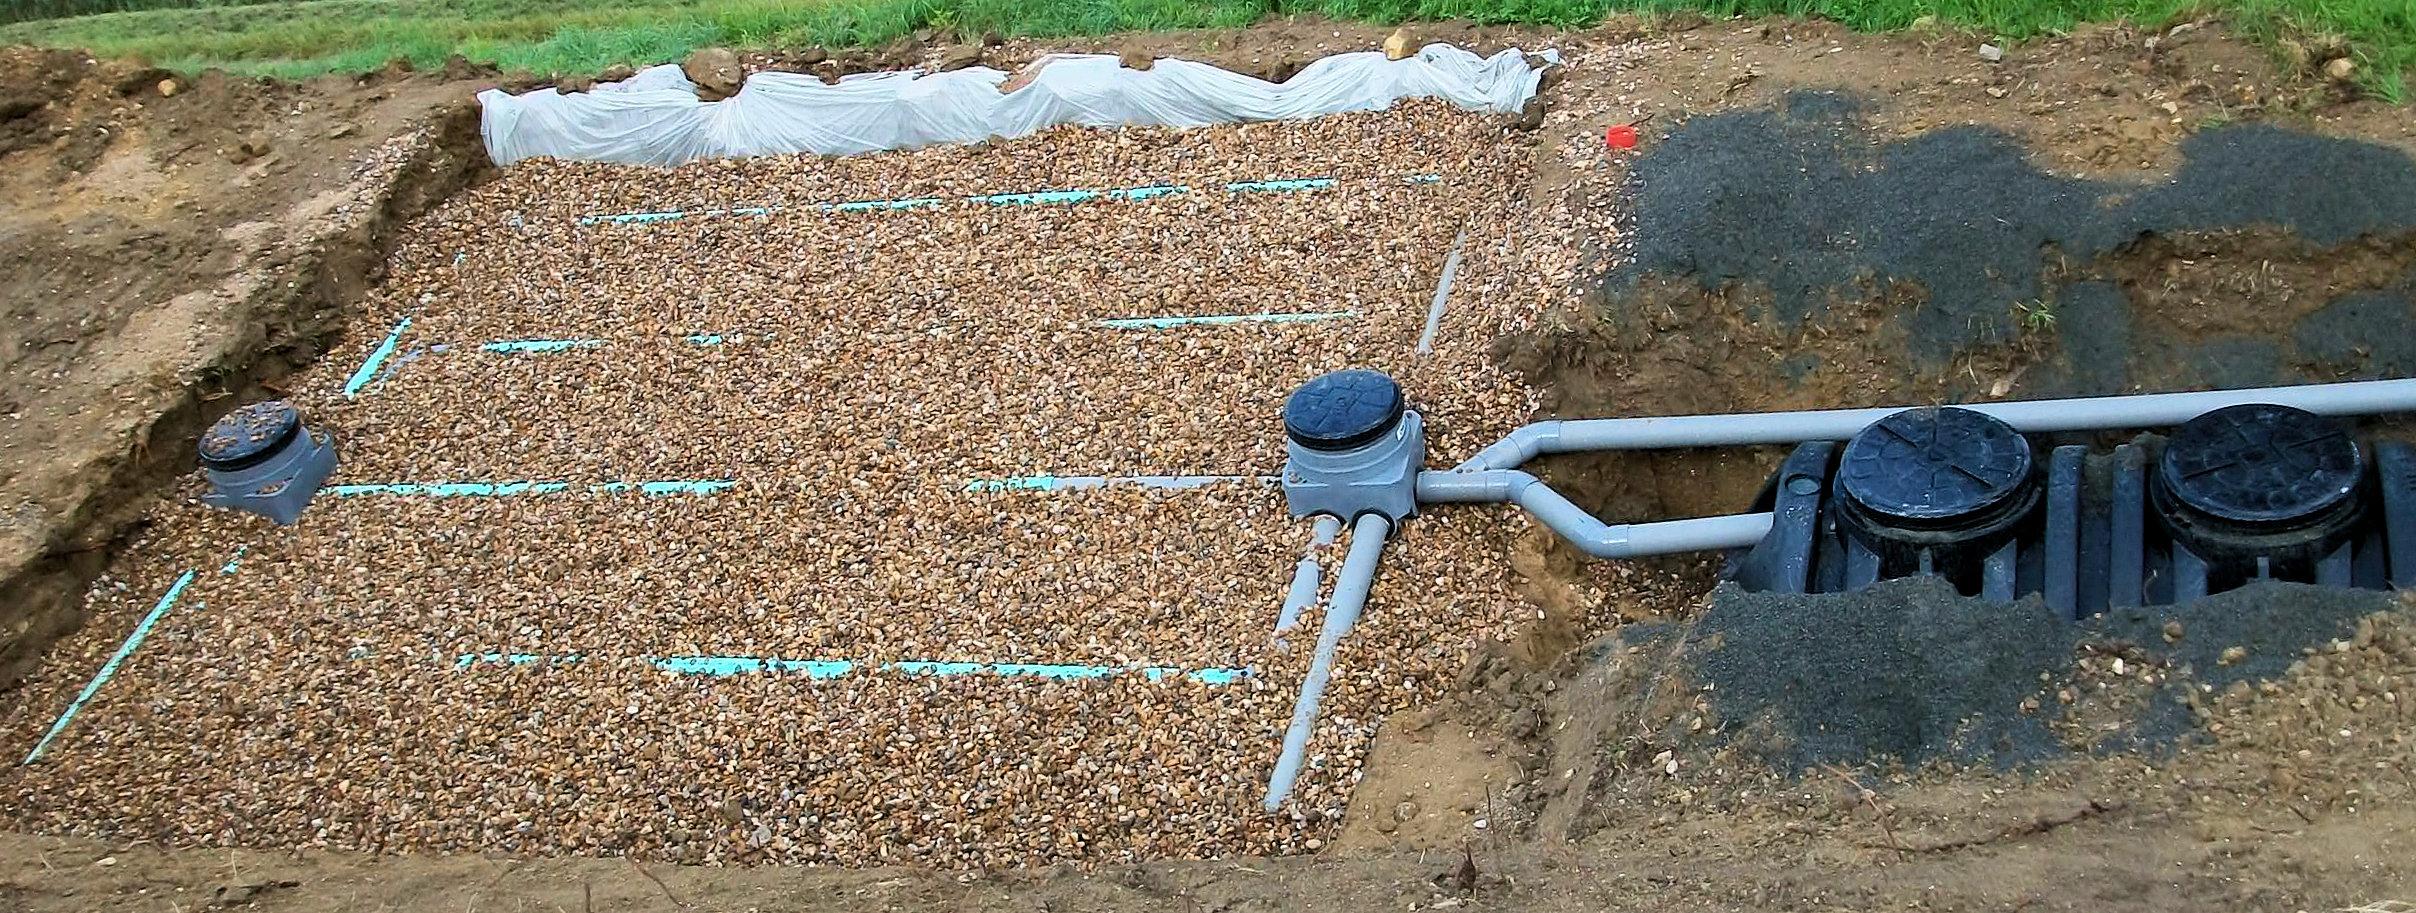 Filtre à sable verticale non drainé - WaterCleanOnline